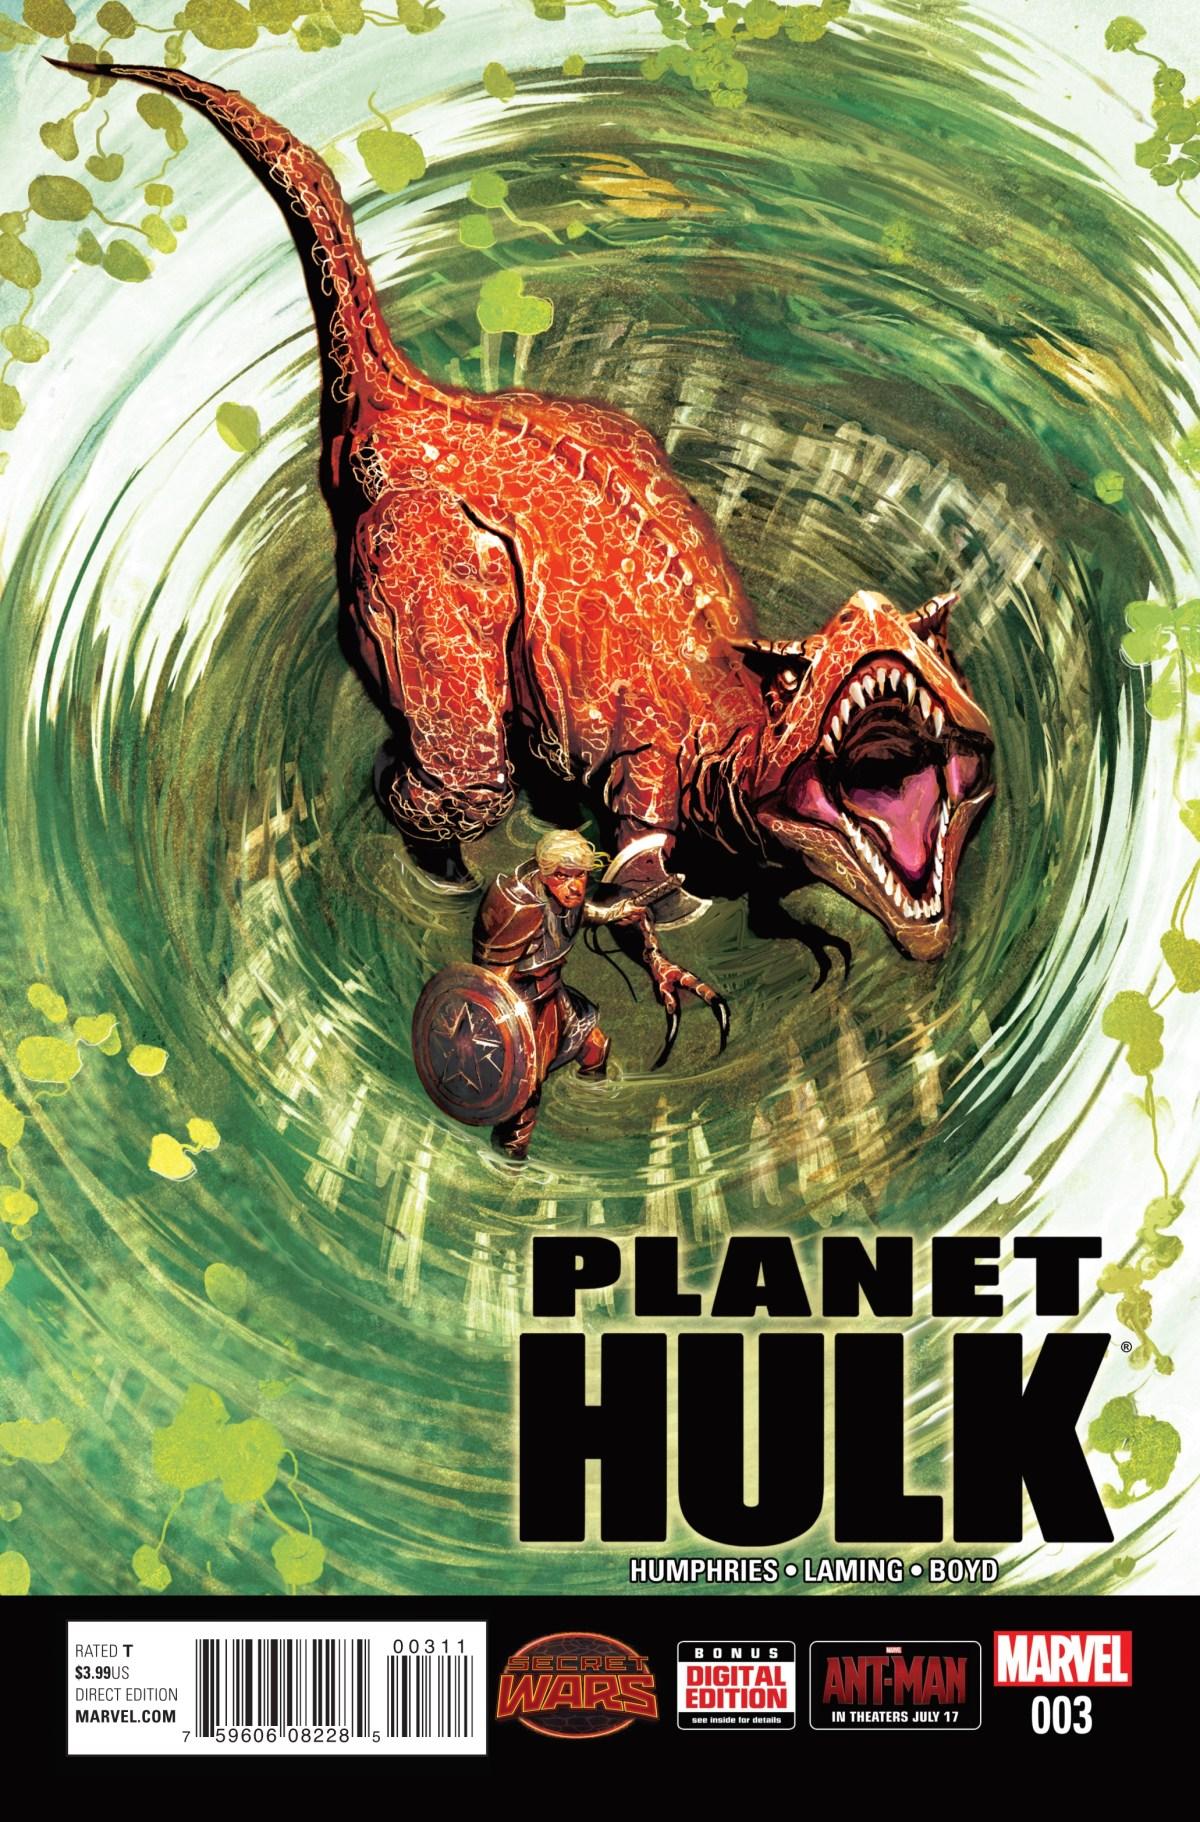 PlanetHulk003cvrA